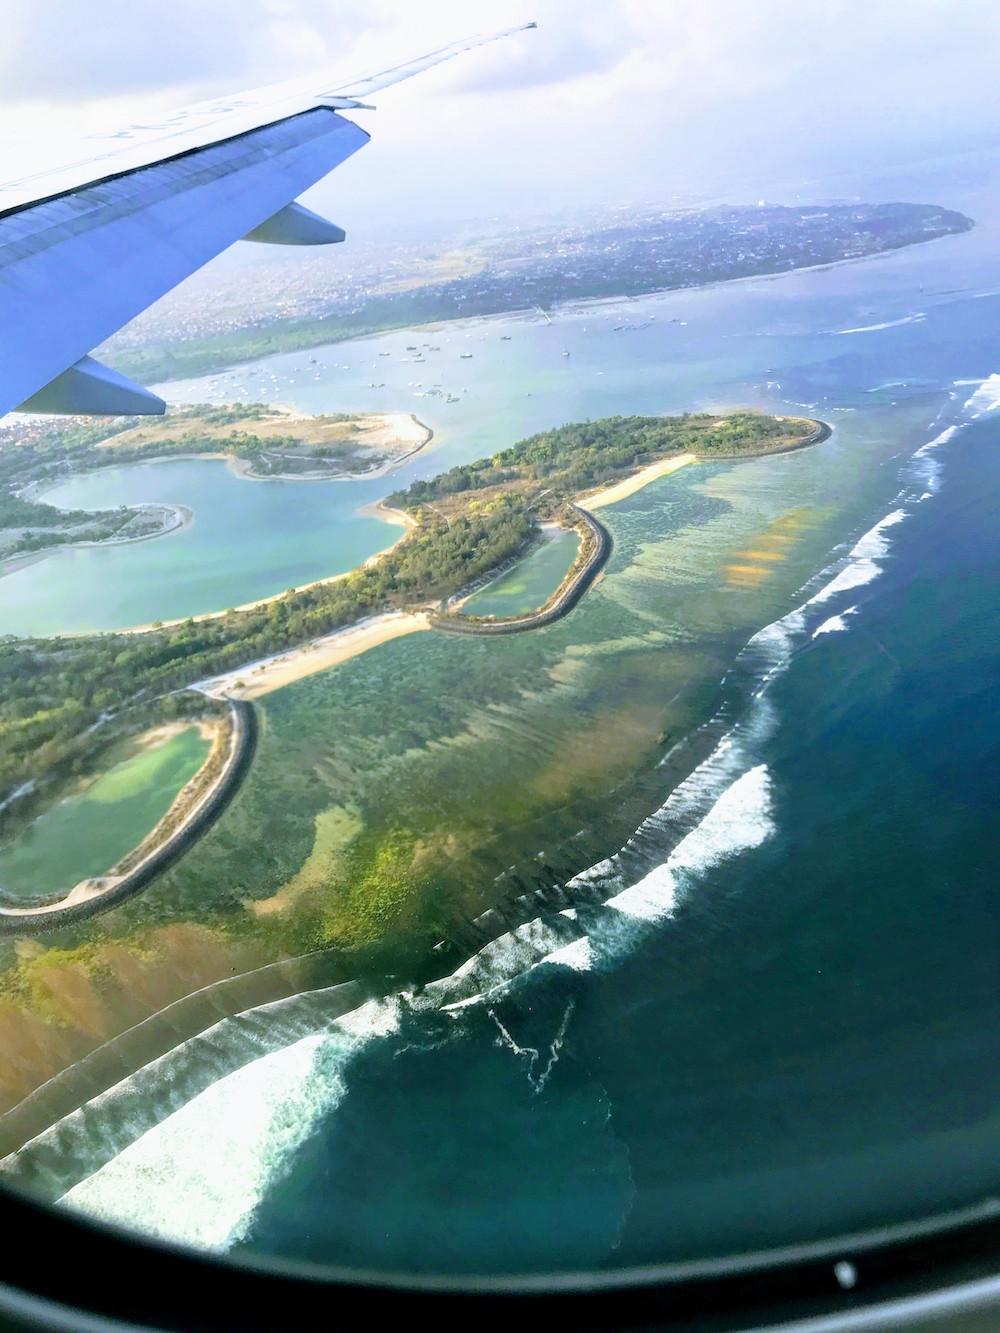 バリ島着陸直前に 飛行機内から見えた浜辺